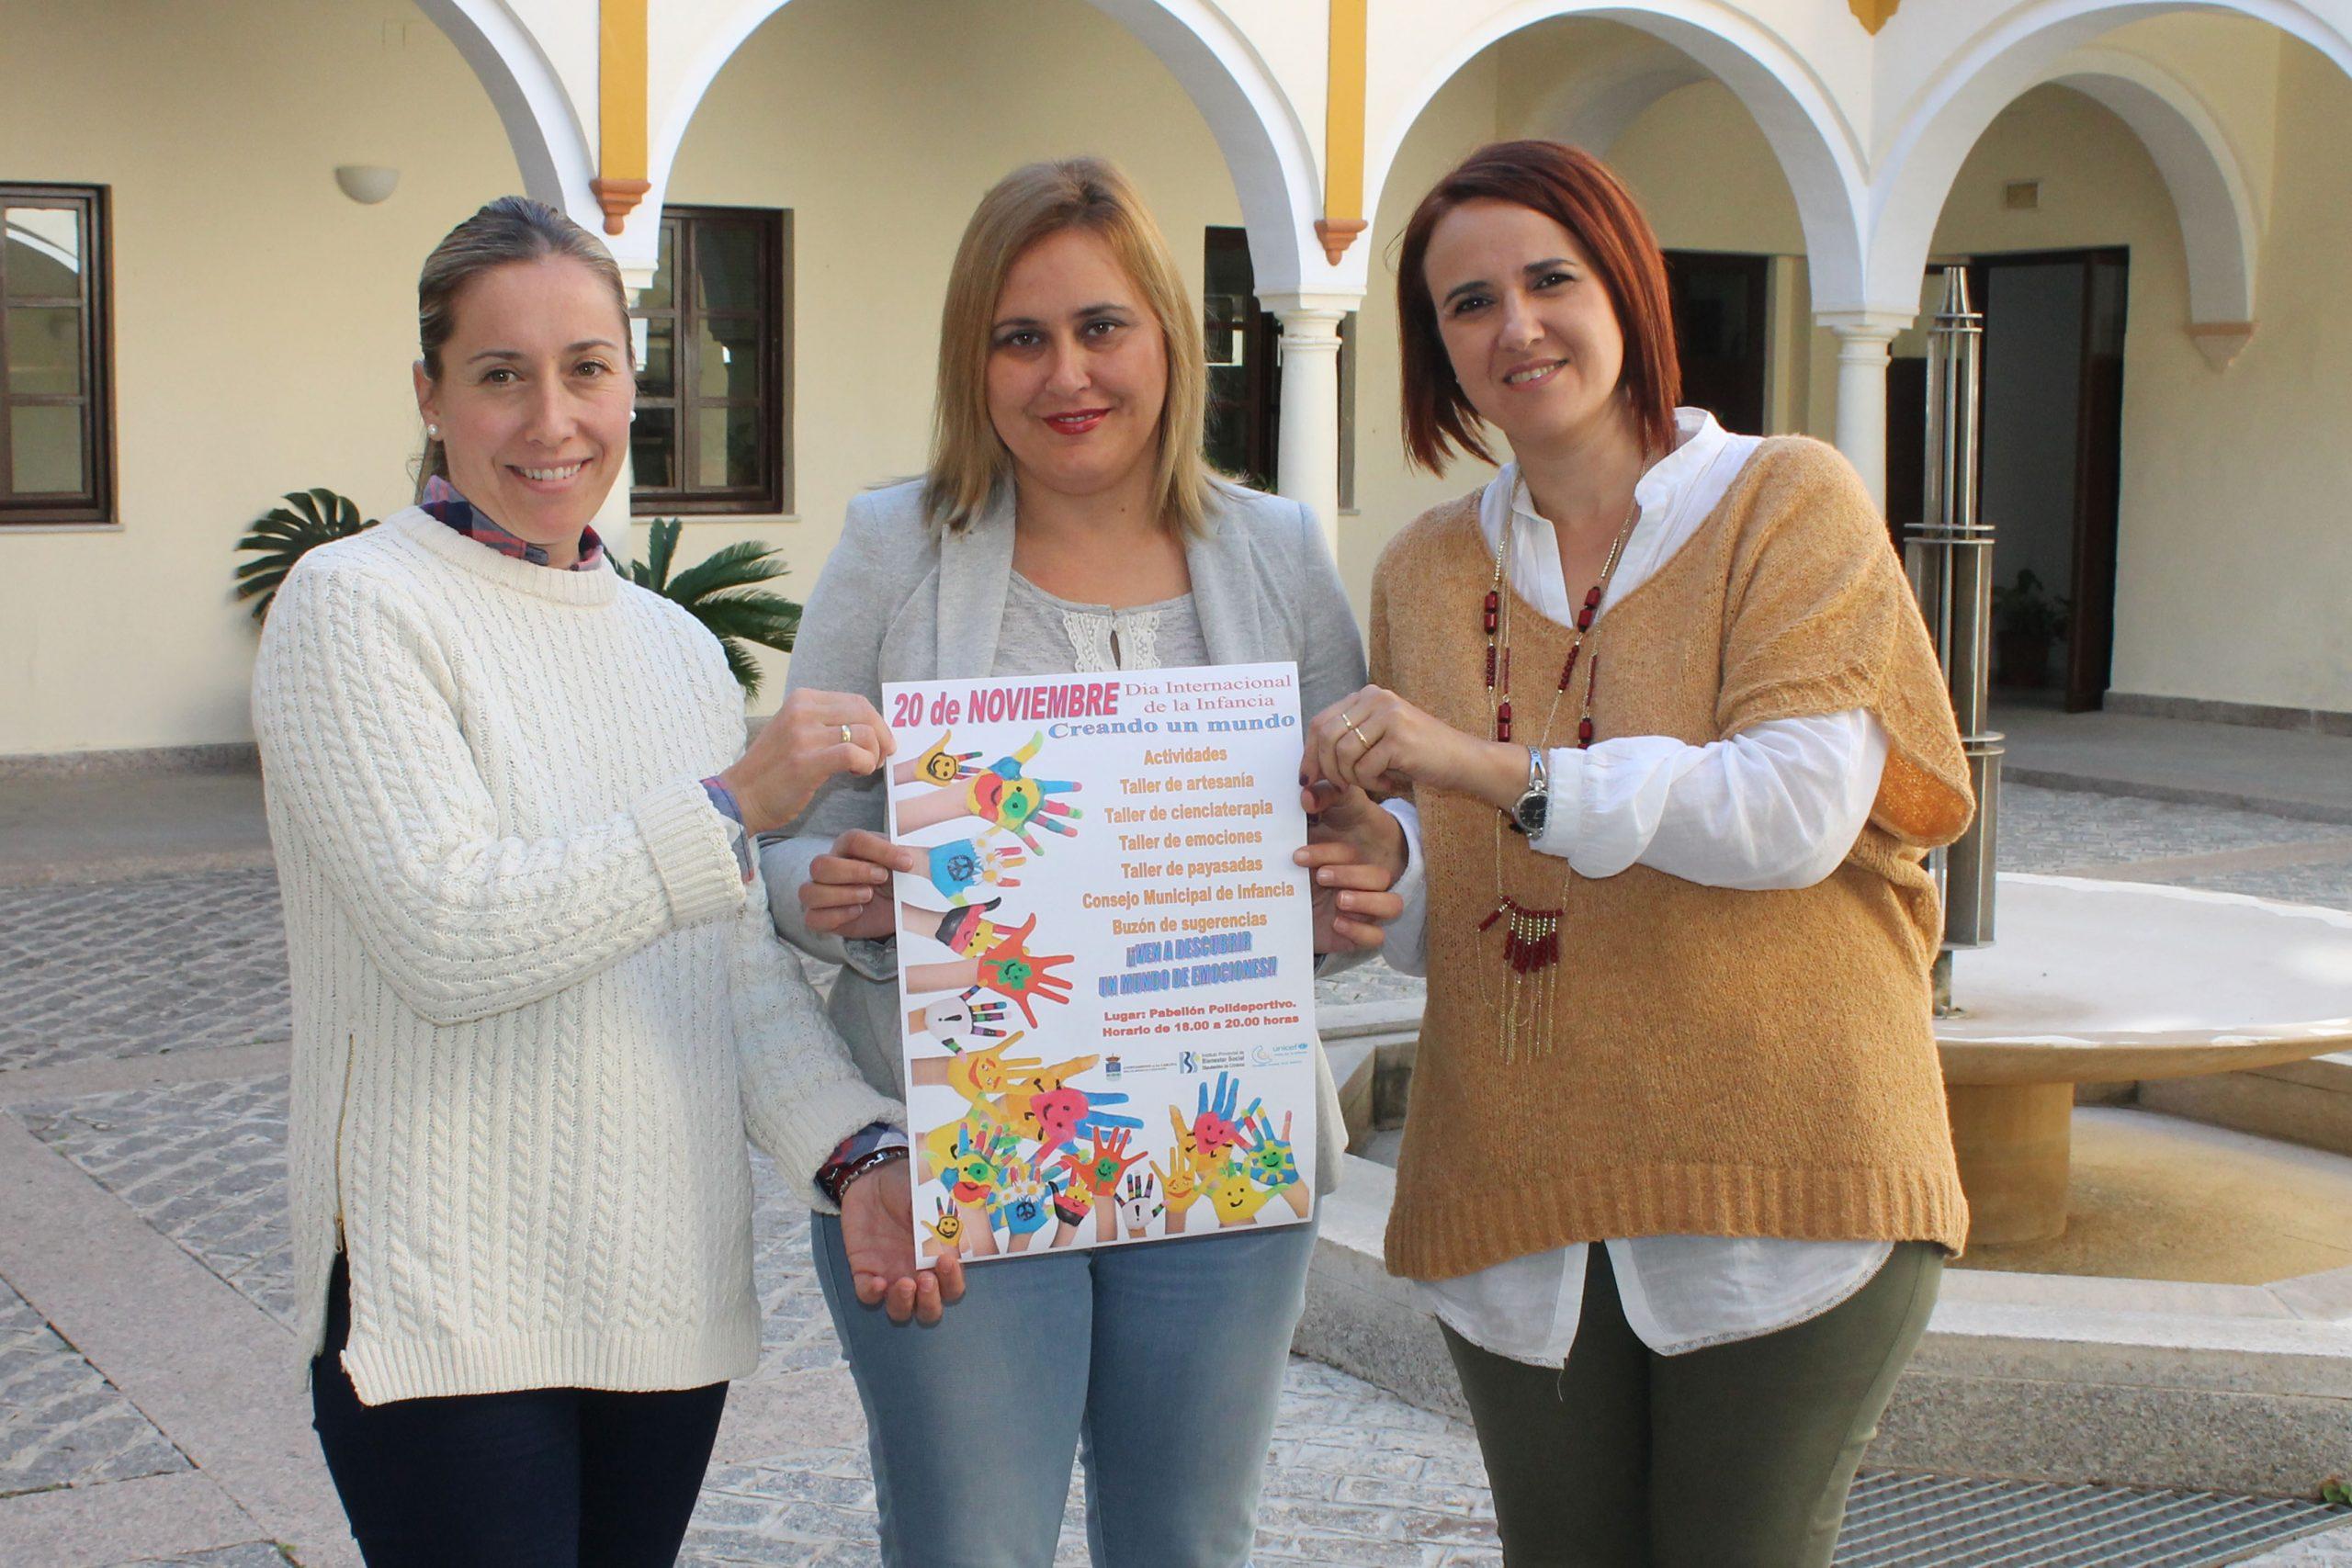 LA CARLOTA CONMEMORA EL DÍA INTERNACIONAL DE LA INFANCIA CON LA ACTIVIDAD 'CREANDO UN MUNDO' 1